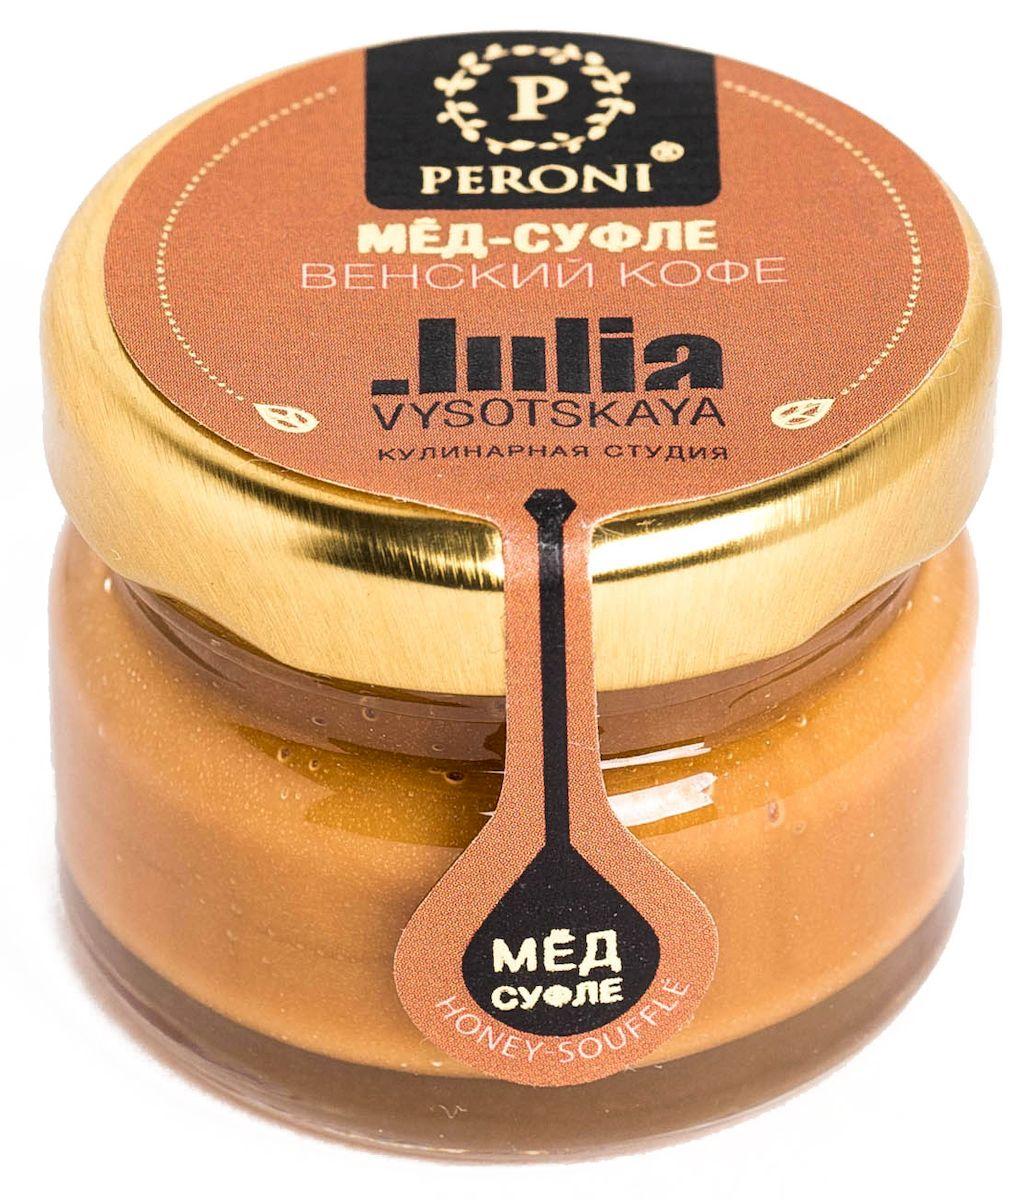 Peroni Венский кофе мёд-суфле, 30 гJV3-1Здесь соединилась терпкость свежеобжаренных зерен эспрессо и медовая нежность, как и в известном на весь мир Венском кофе с нежной пенкой. Его можно использовать как топинг в десертах или как самостоятельное лакомство. Для получения меда-суфле используются специальные технологии. Мёд долго вымешивается при определенной скорости, после чего его выдерживают при температуре 12-14 градусов по Цельсию, тем самым закрепляя его нужную консистенцию. Все полезные свойства меда при этом сохраняются.